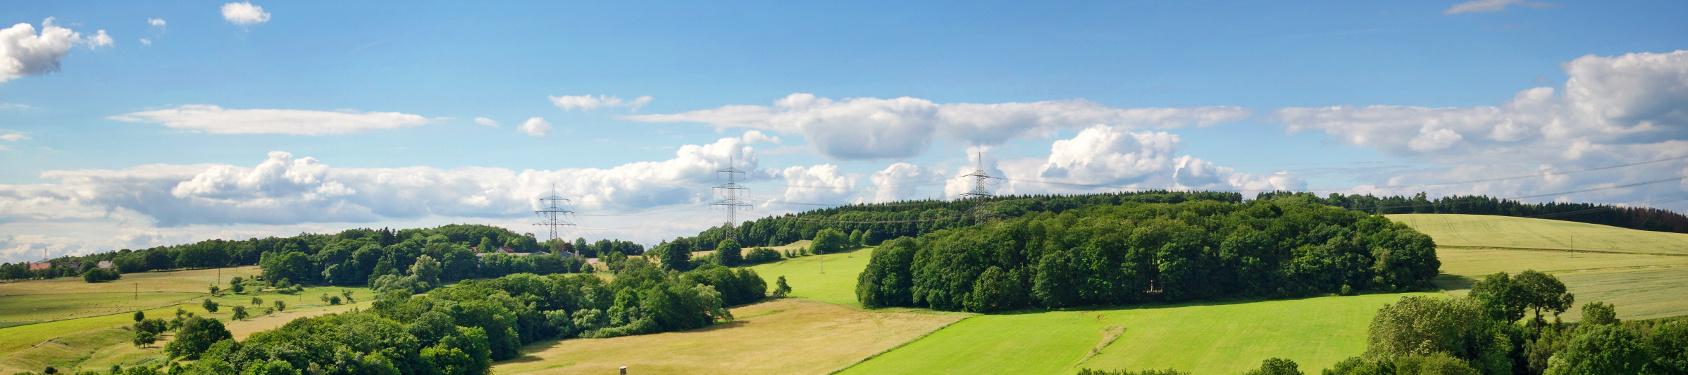 Bild von Rheinland-Pfalz